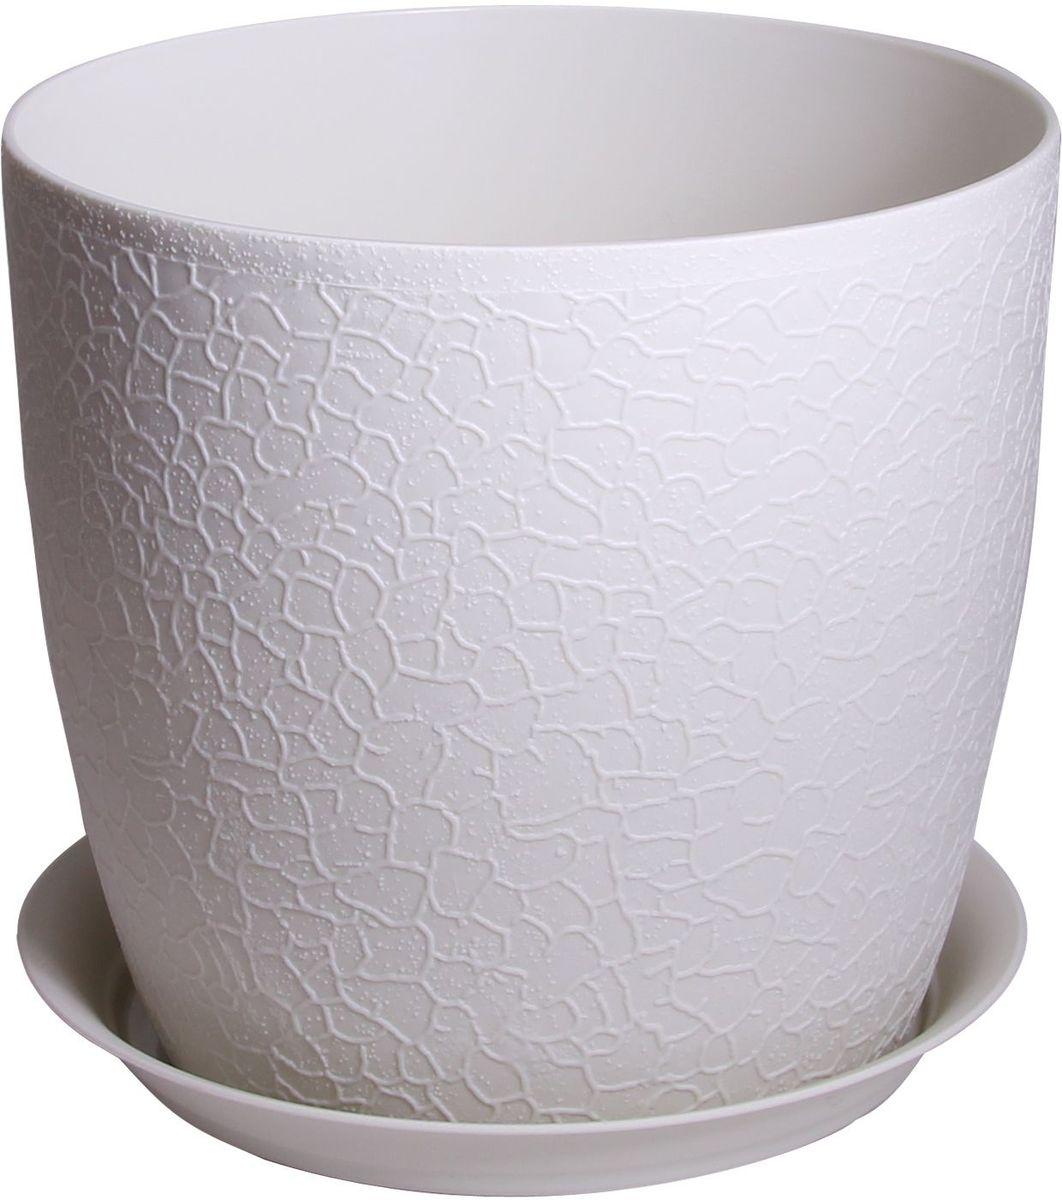 Кашпо Idea Верона, с подставкой, цвет: белый, диаметр 14 см4612754052615Кашпо Idea Верона изготовлено из полипропилена (пластика). Специальная подставка предназначена для стока воды. Изделие прекрасно подходит для выращивания растений и цветов в домашних условиях.Диаметр кашпо: 14 см.Высота кашпо: 12,6 см.